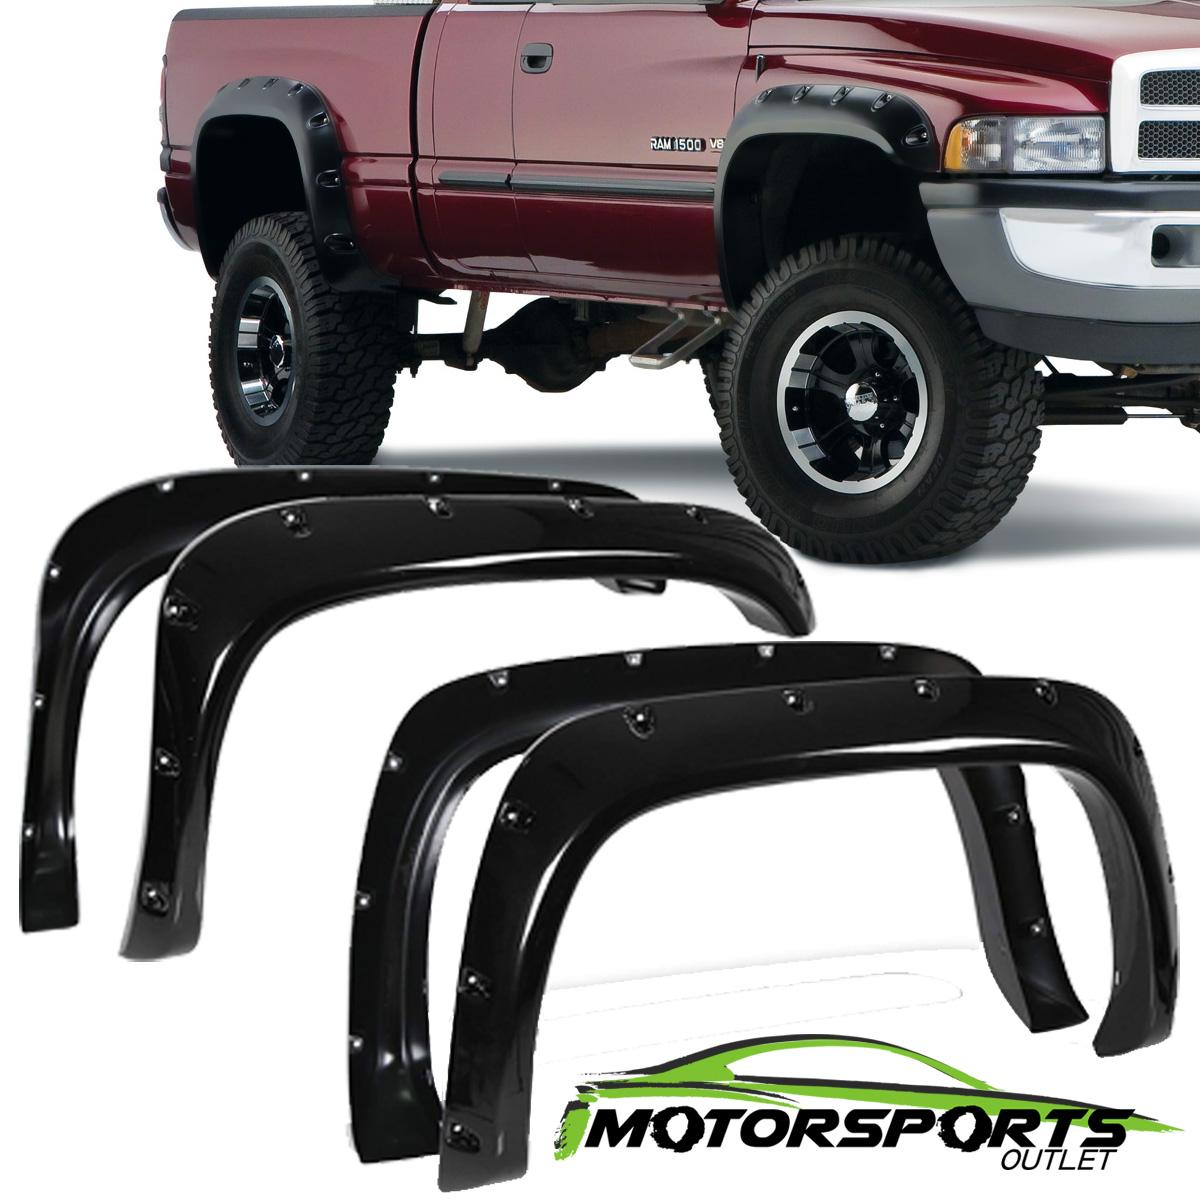 High-Qualtiy Mud Guards Fender Flares For Dodge Ram 1500 2500 3500